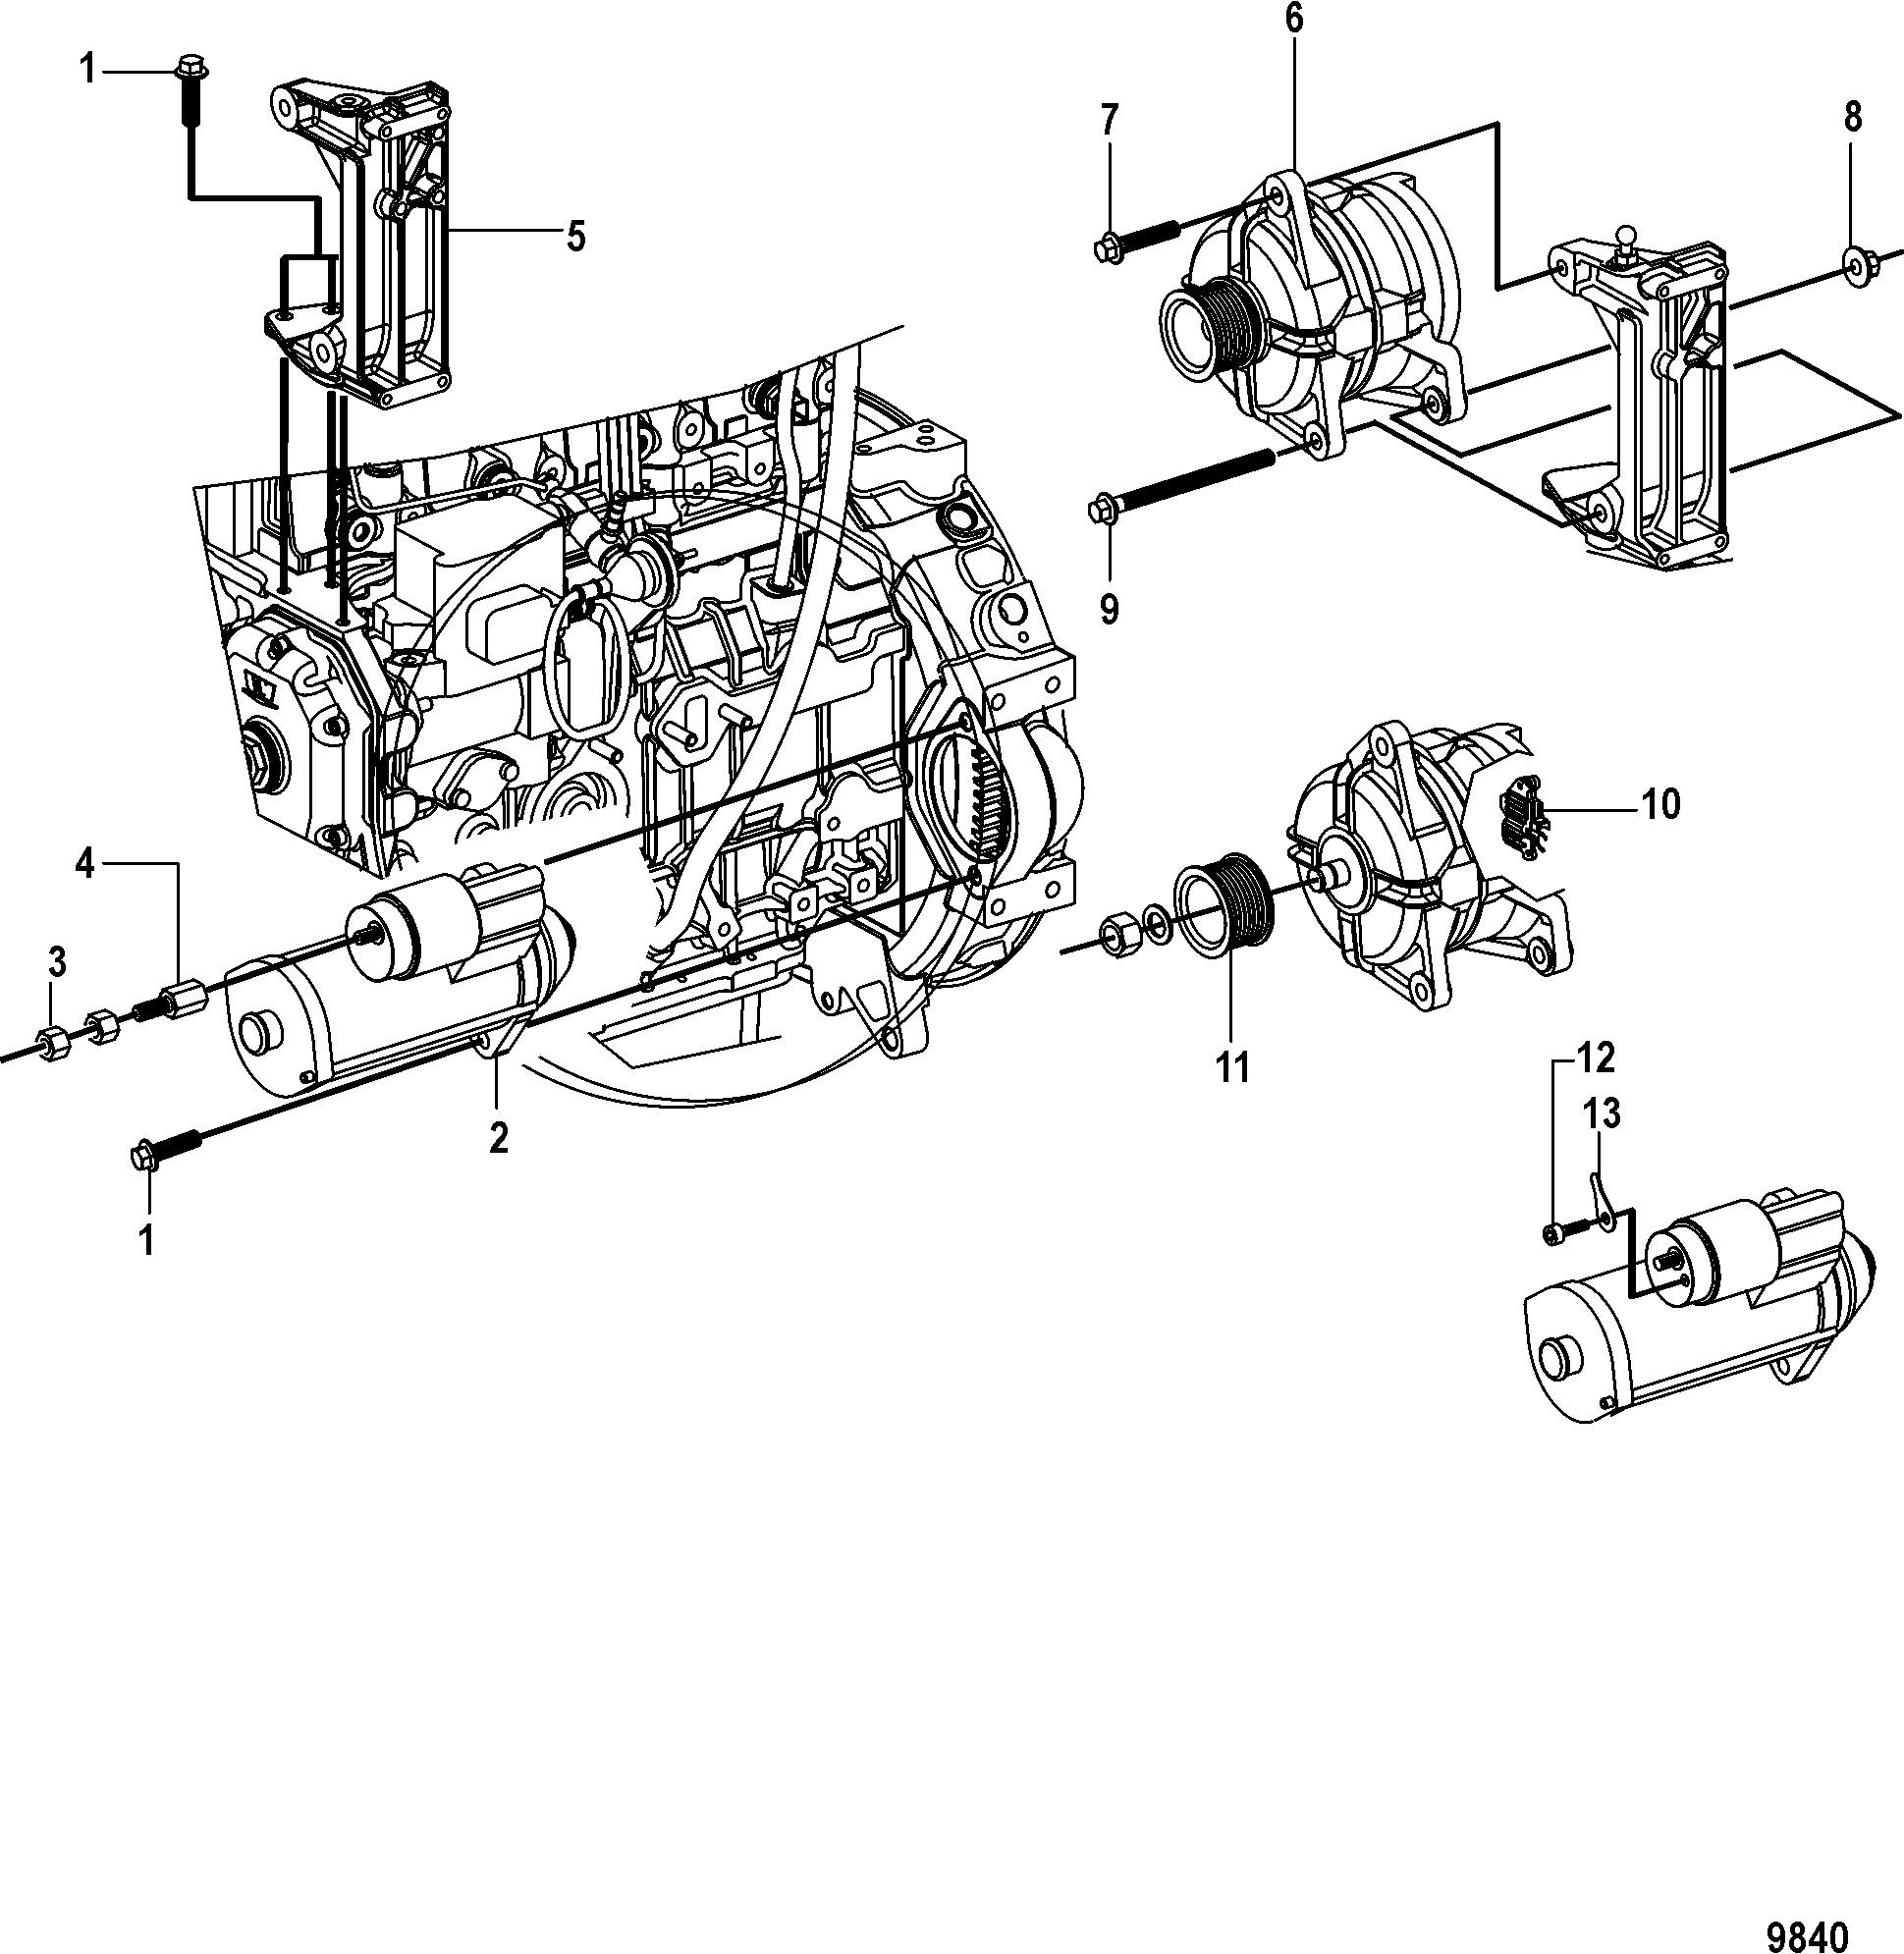 Mercruiser 170 Engine Diagram КатаРог запчастей Mercruiser остаРьные Cmd 2 8 Es 170 Thru Of Mercruiser 170 Engine Diagram